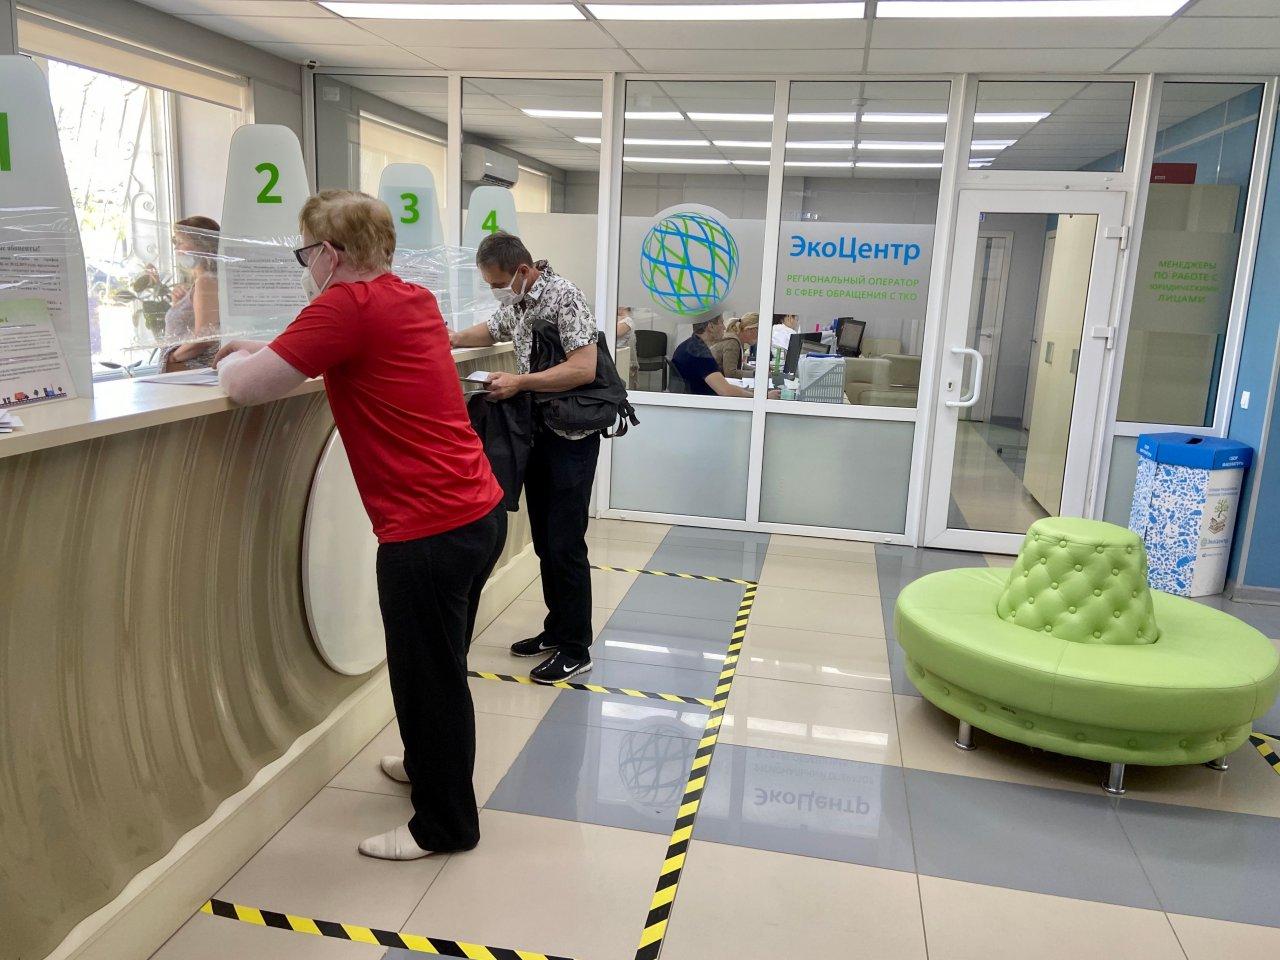 Астраханцы могут решить вопросы по обращению с отходами дистанционно